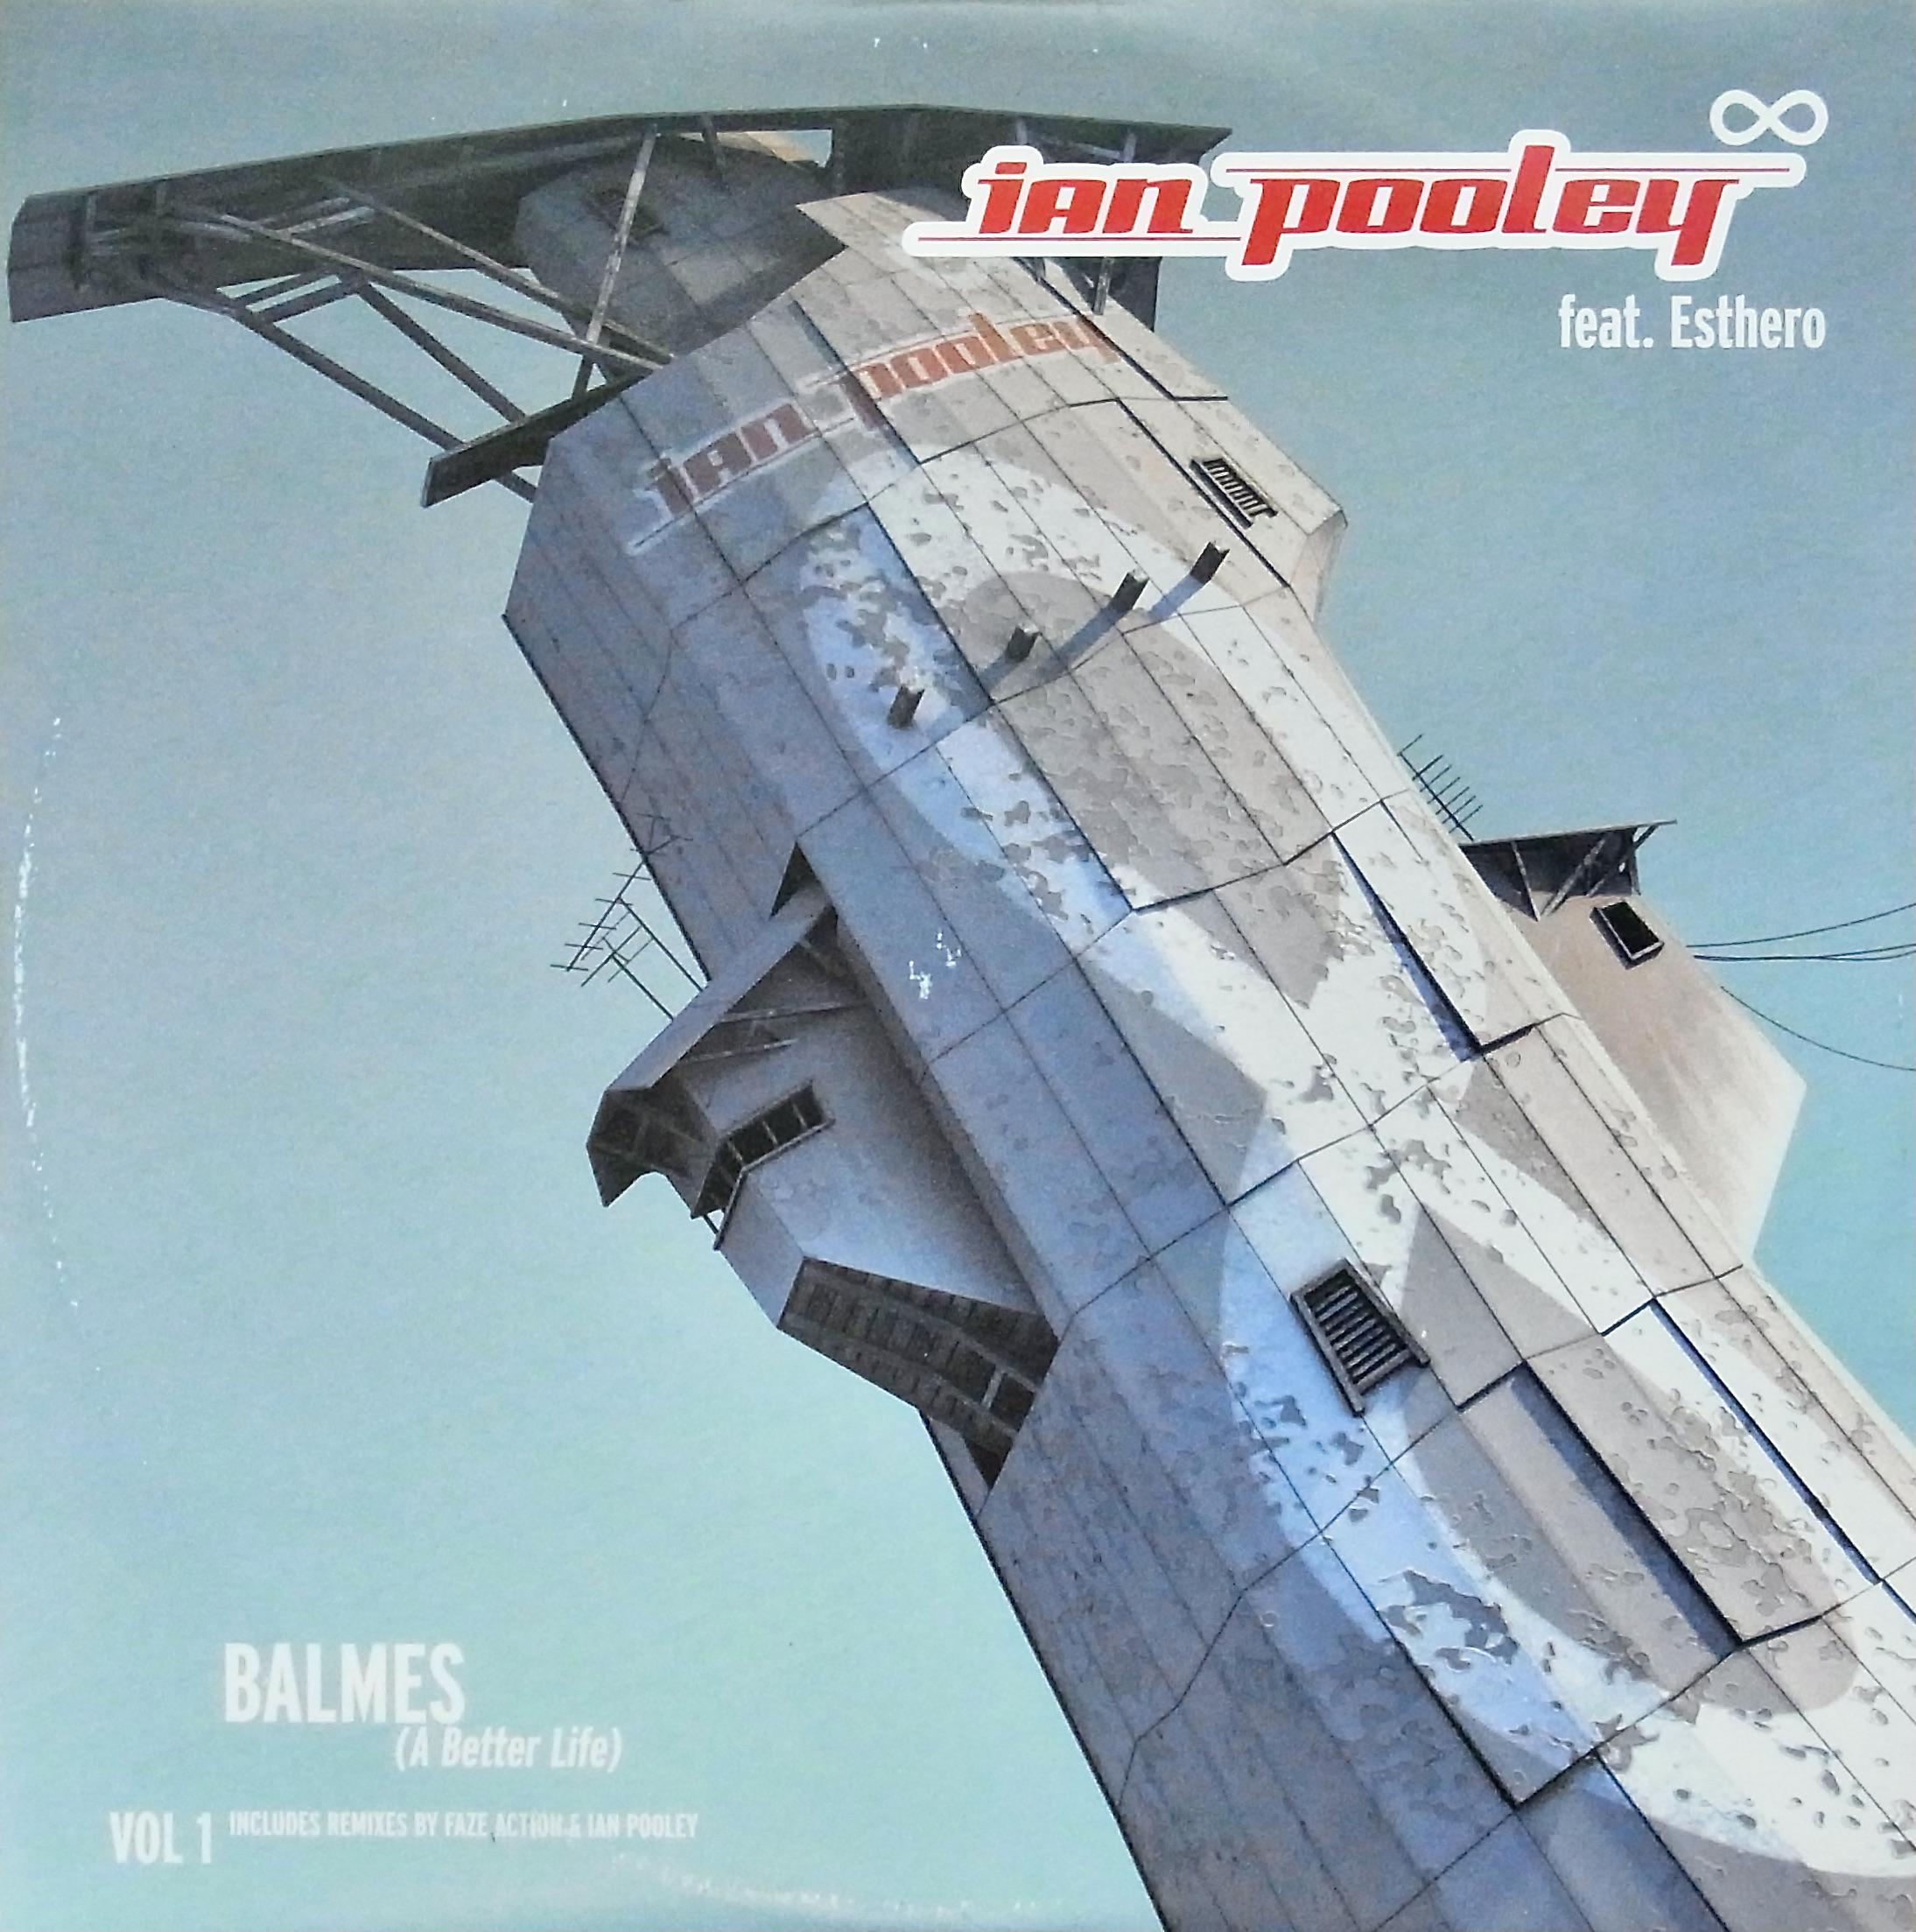 IAN POOLEY / Balmes (A Better Life) Vol. 1